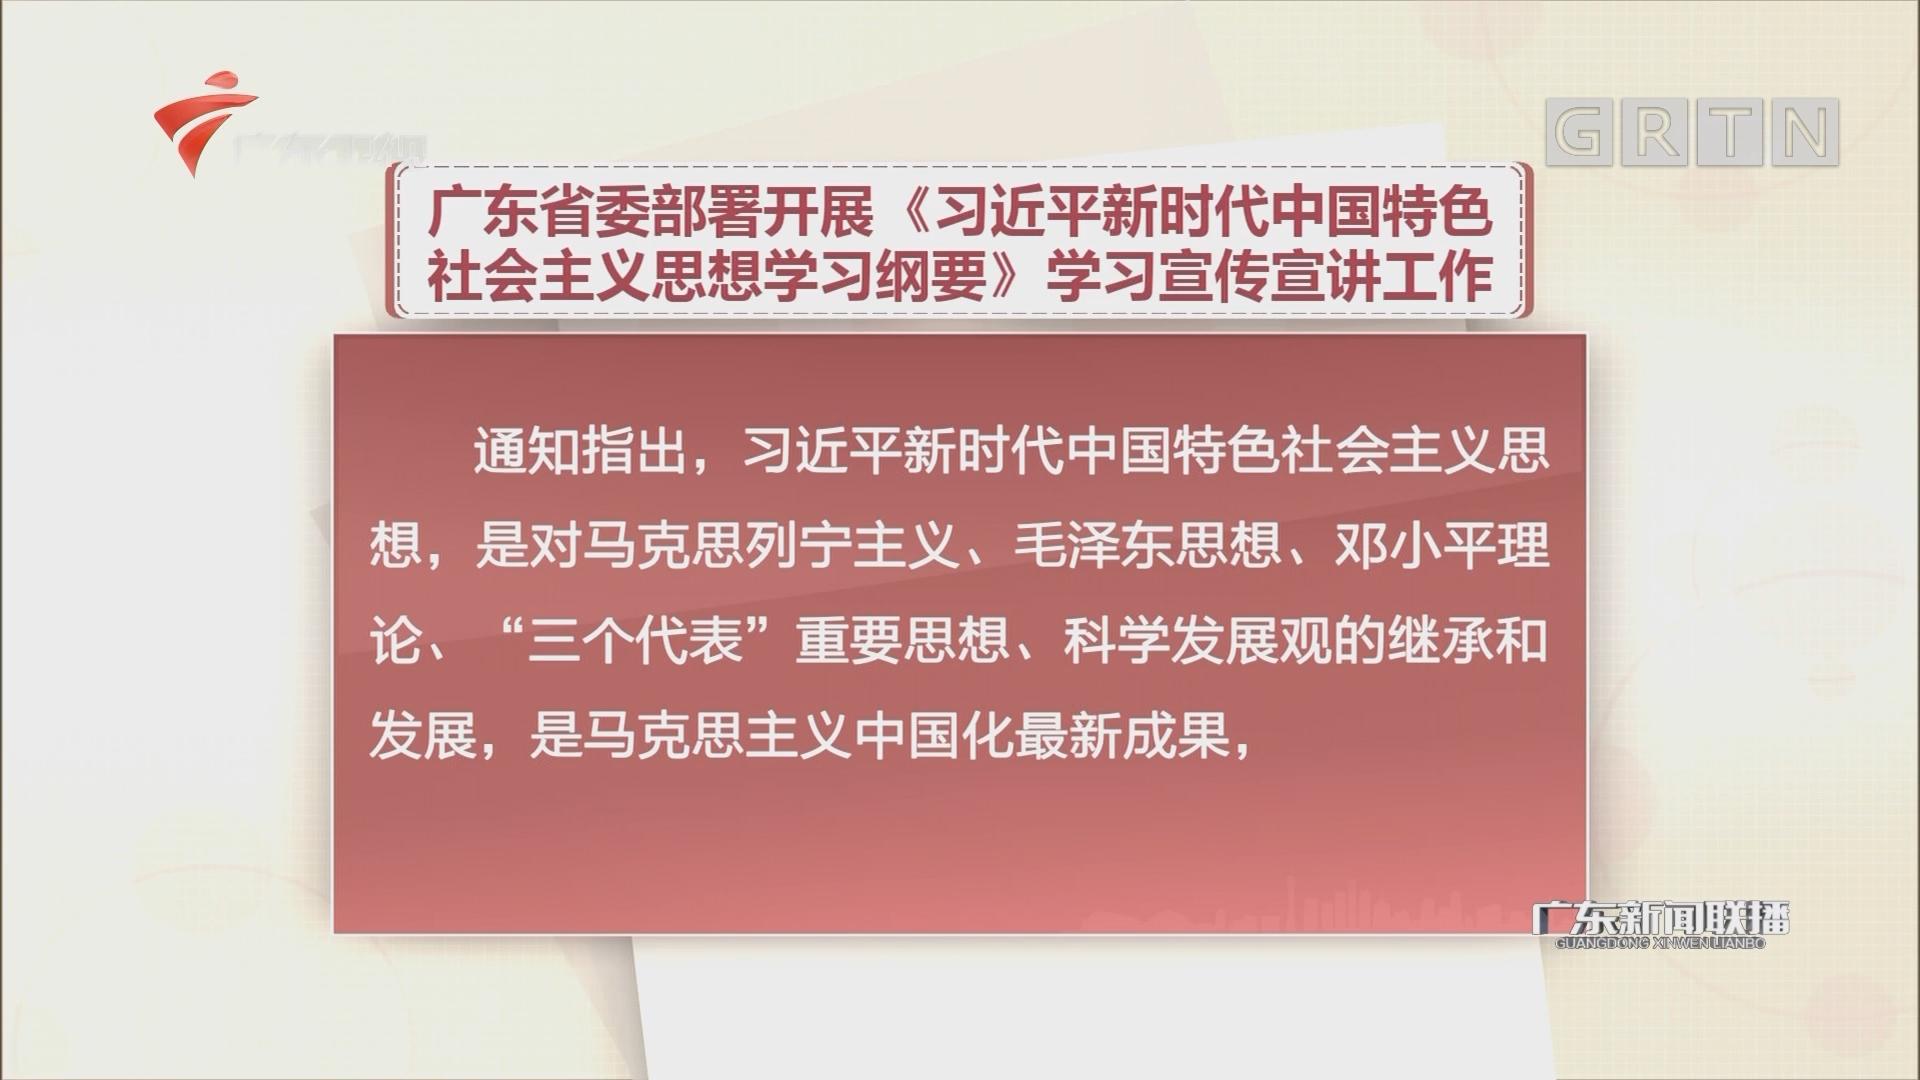 廣東省委部署開展《習近平新時代中國特色社會主義思想學習綱要》學習宣傳宣講工作